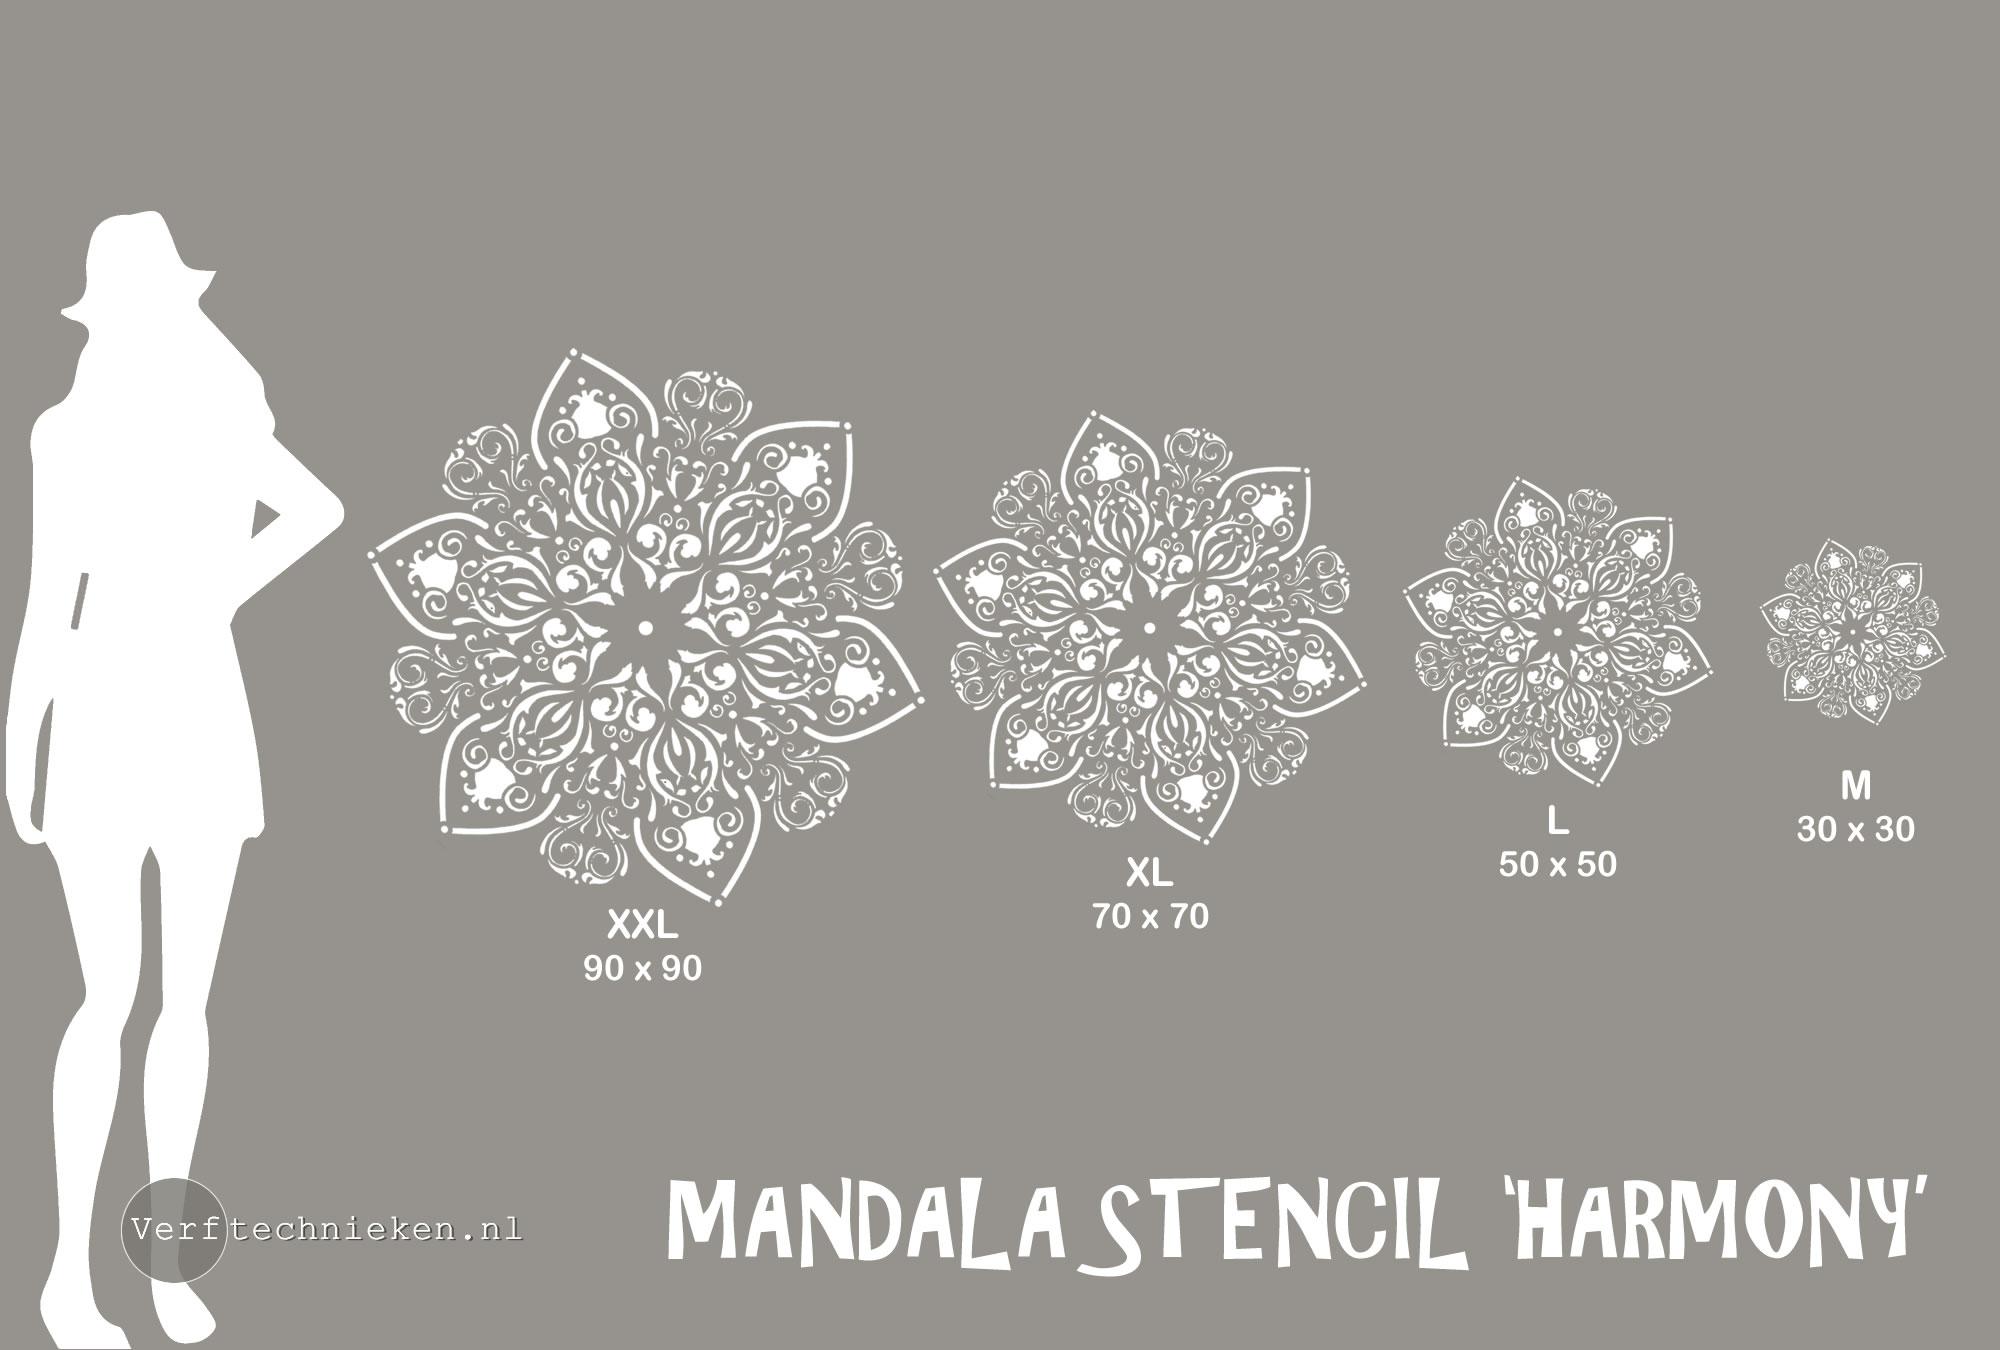 Mandala sjablonen in diverse afmetingen | verftechnieken.nl